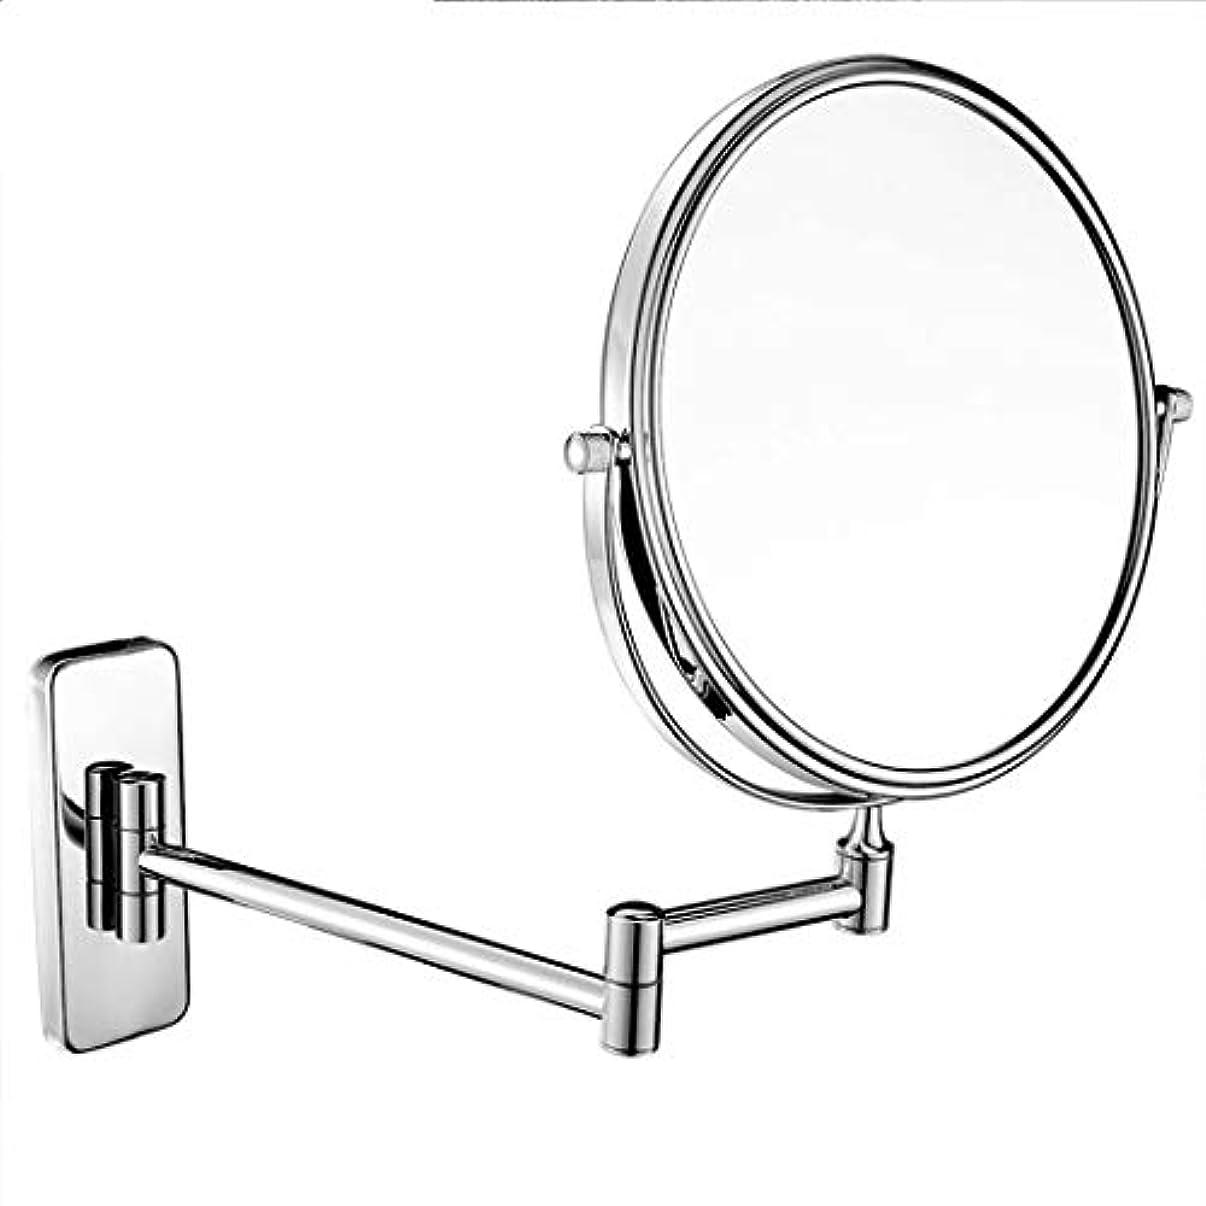 札入れ捧げる産地壁に取り付けられた浴室用ミラー両面化粧鏡3倍/ 5倍/ 7倍/ 10倍拡大虚栄心拡大鏡360°回転、バス、スパ、ホテル用に拡張可能 (色 : クロム, サイズ さいず : 7x-8 inch)